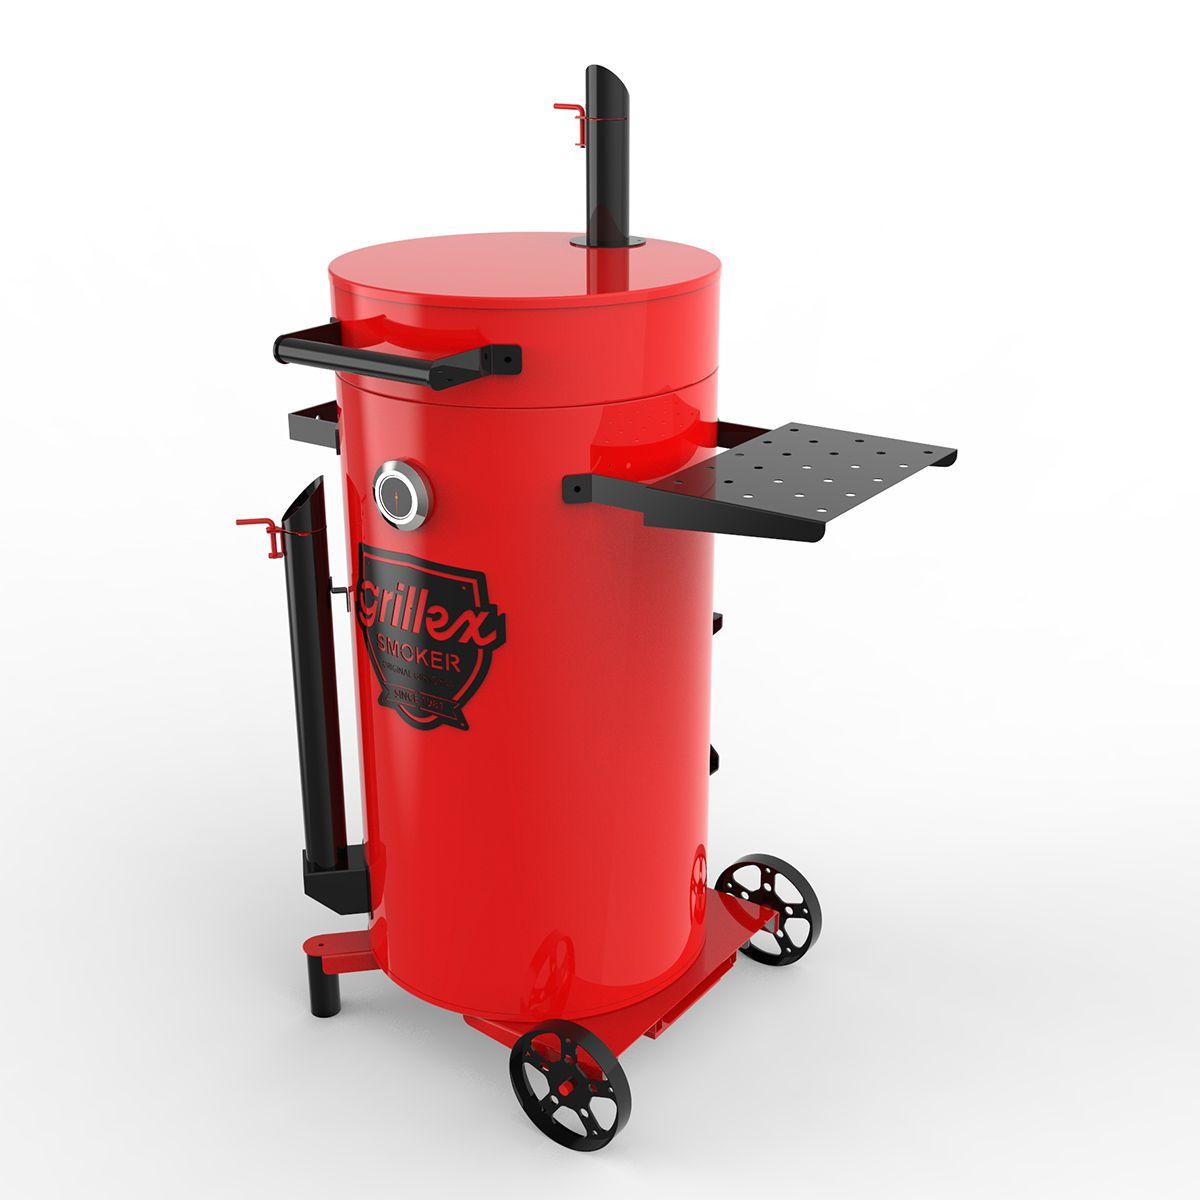 Grillex Drum Smoker Vermelho/Preto